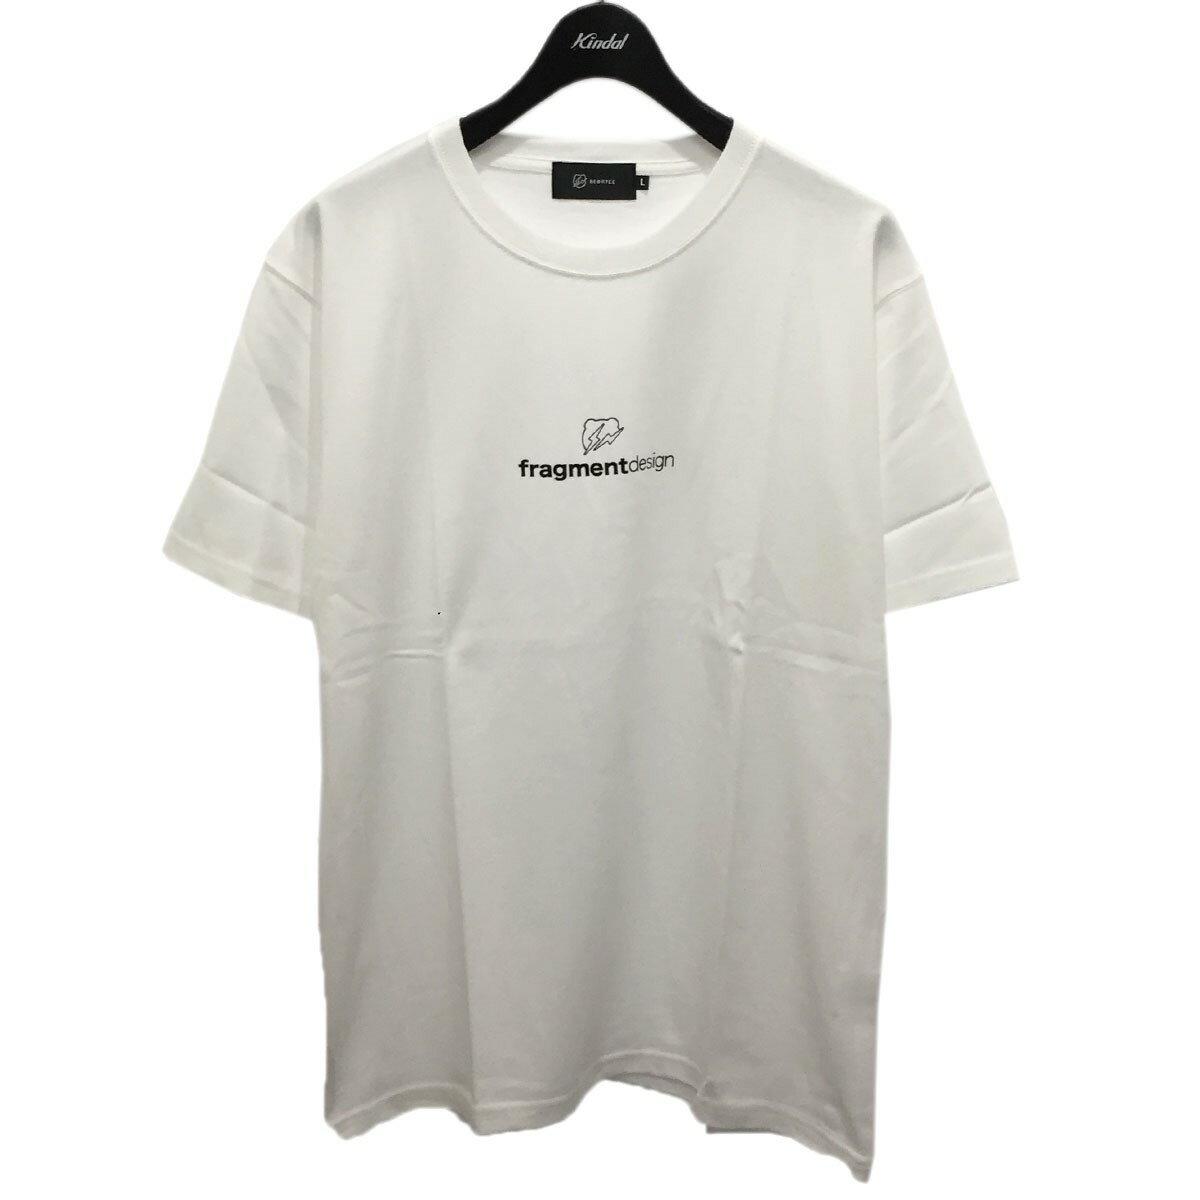 トップス, Tシャツ・カットソー FRAGMENT DESIGN BEARBRICK MEDICOM TOY EXHIBITION 2020 IN VIRTUAL T L 280821